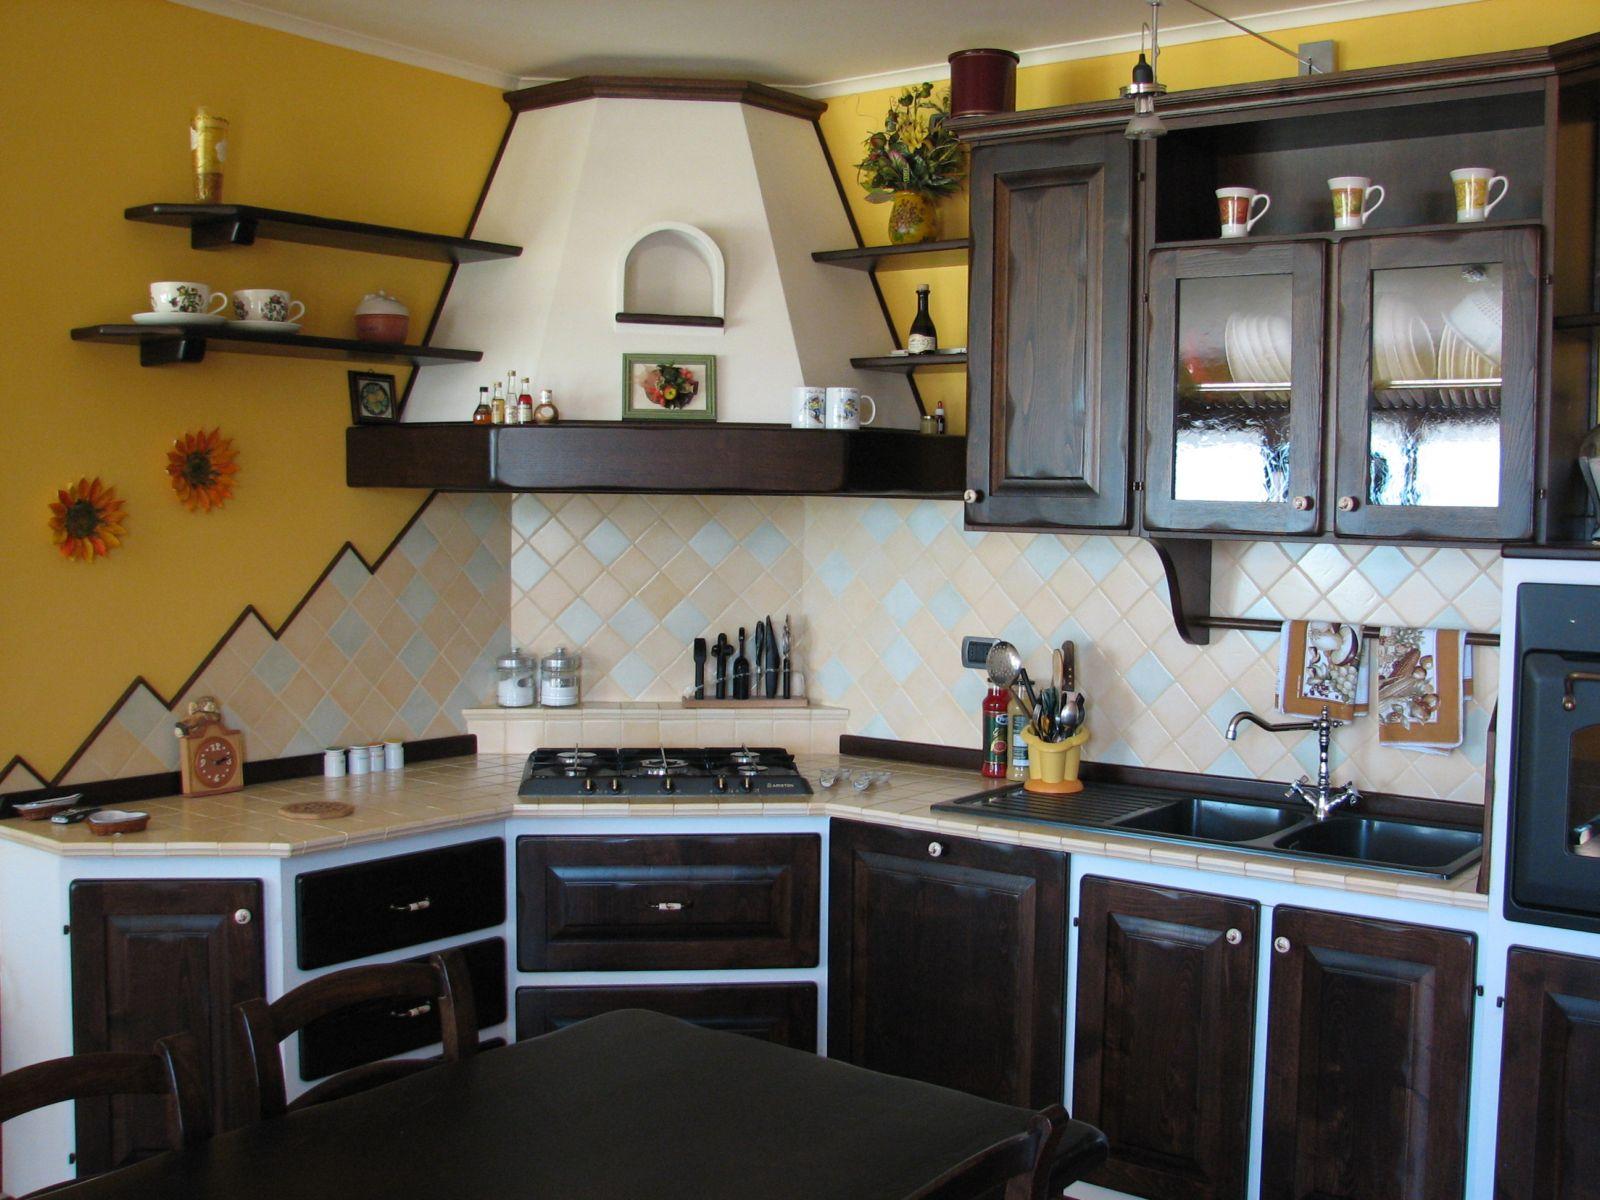 Arredi cucine best cucina olimpia with arredi cucine for Fiusco arredamenti